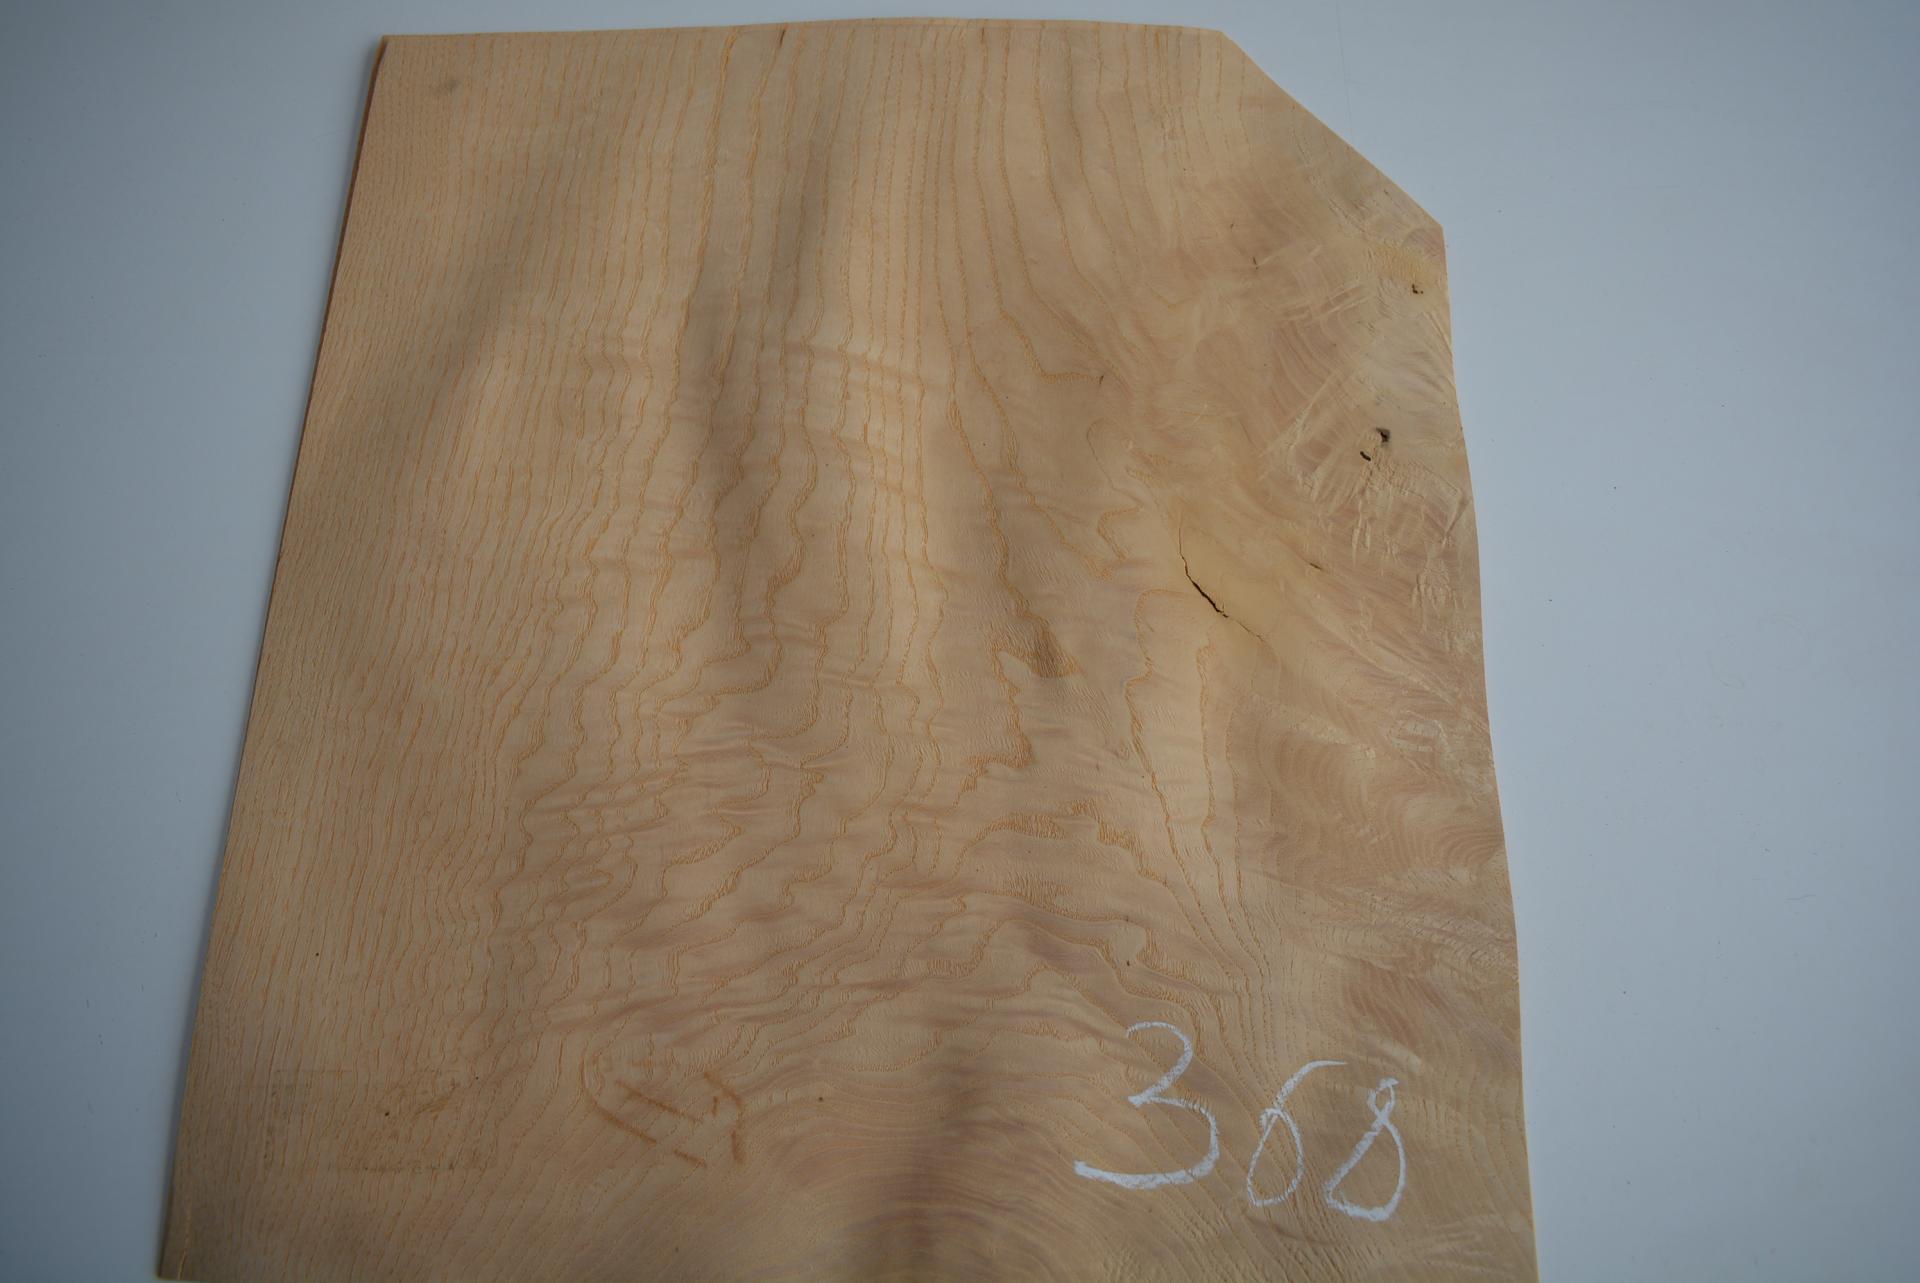 368 loupe de frene plcage feuille de bois marqueterie 1